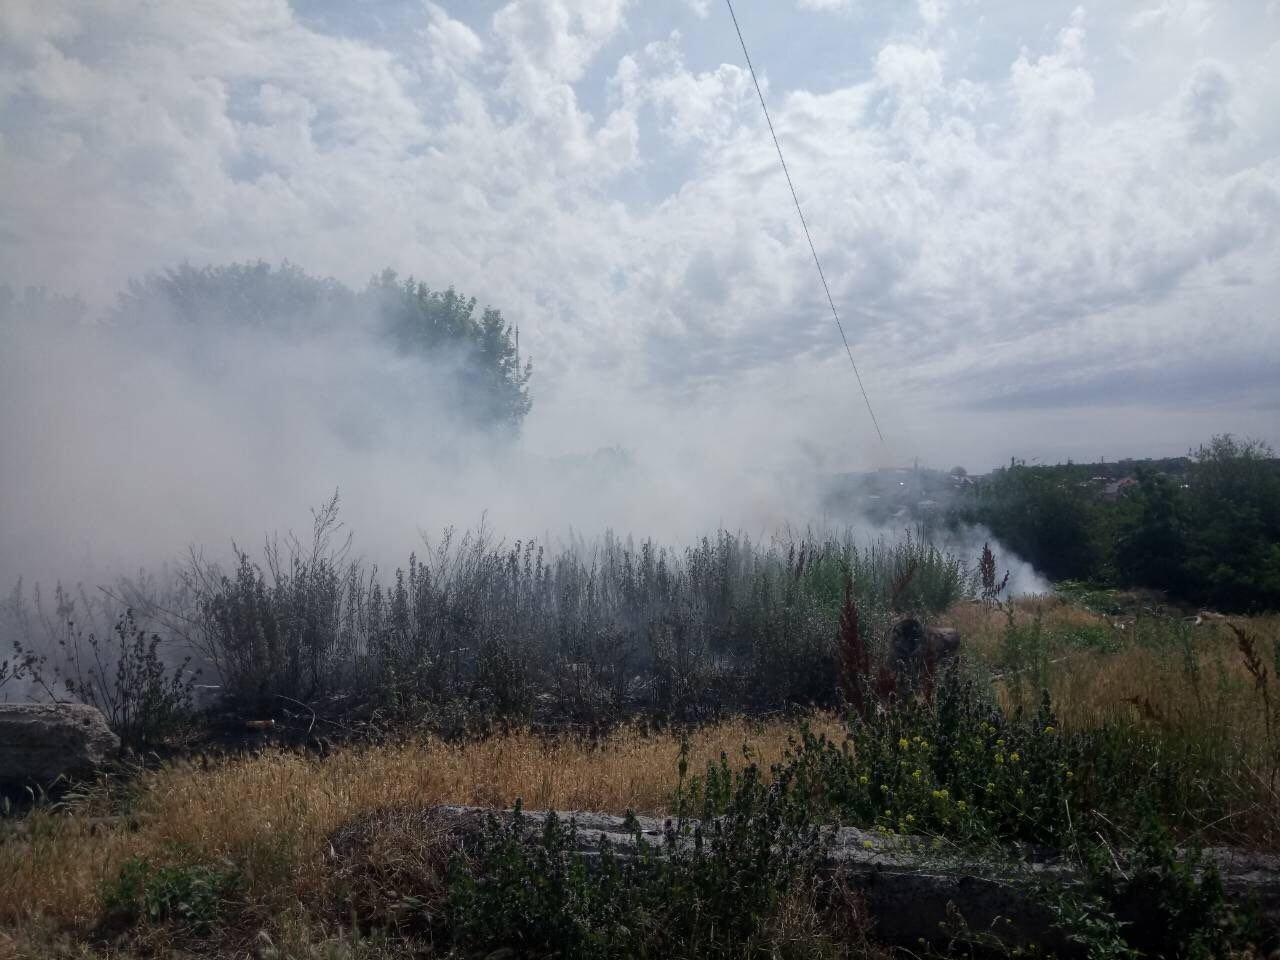 В Днепре горела крупная свалка: пожар тушили около 3-х часов, - ФОТО, фото-1